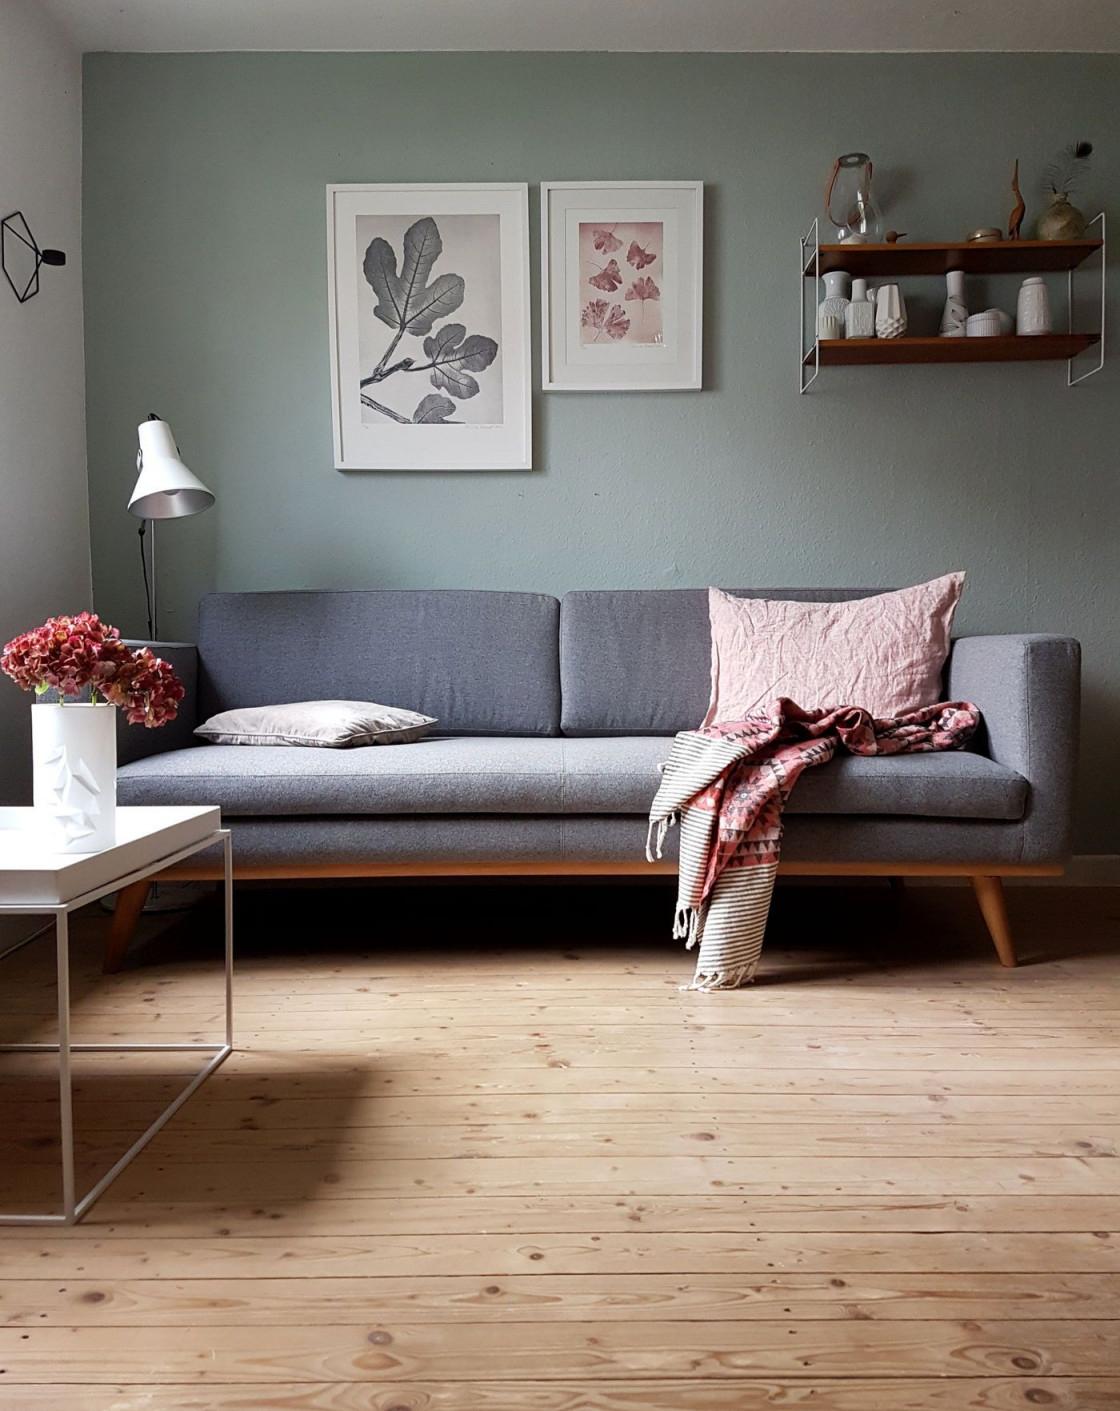 Die Schönsten Ideen Für Die Wandfarbe Im Wohnzimmer von Wohnzimmer Farben Ideen Bild